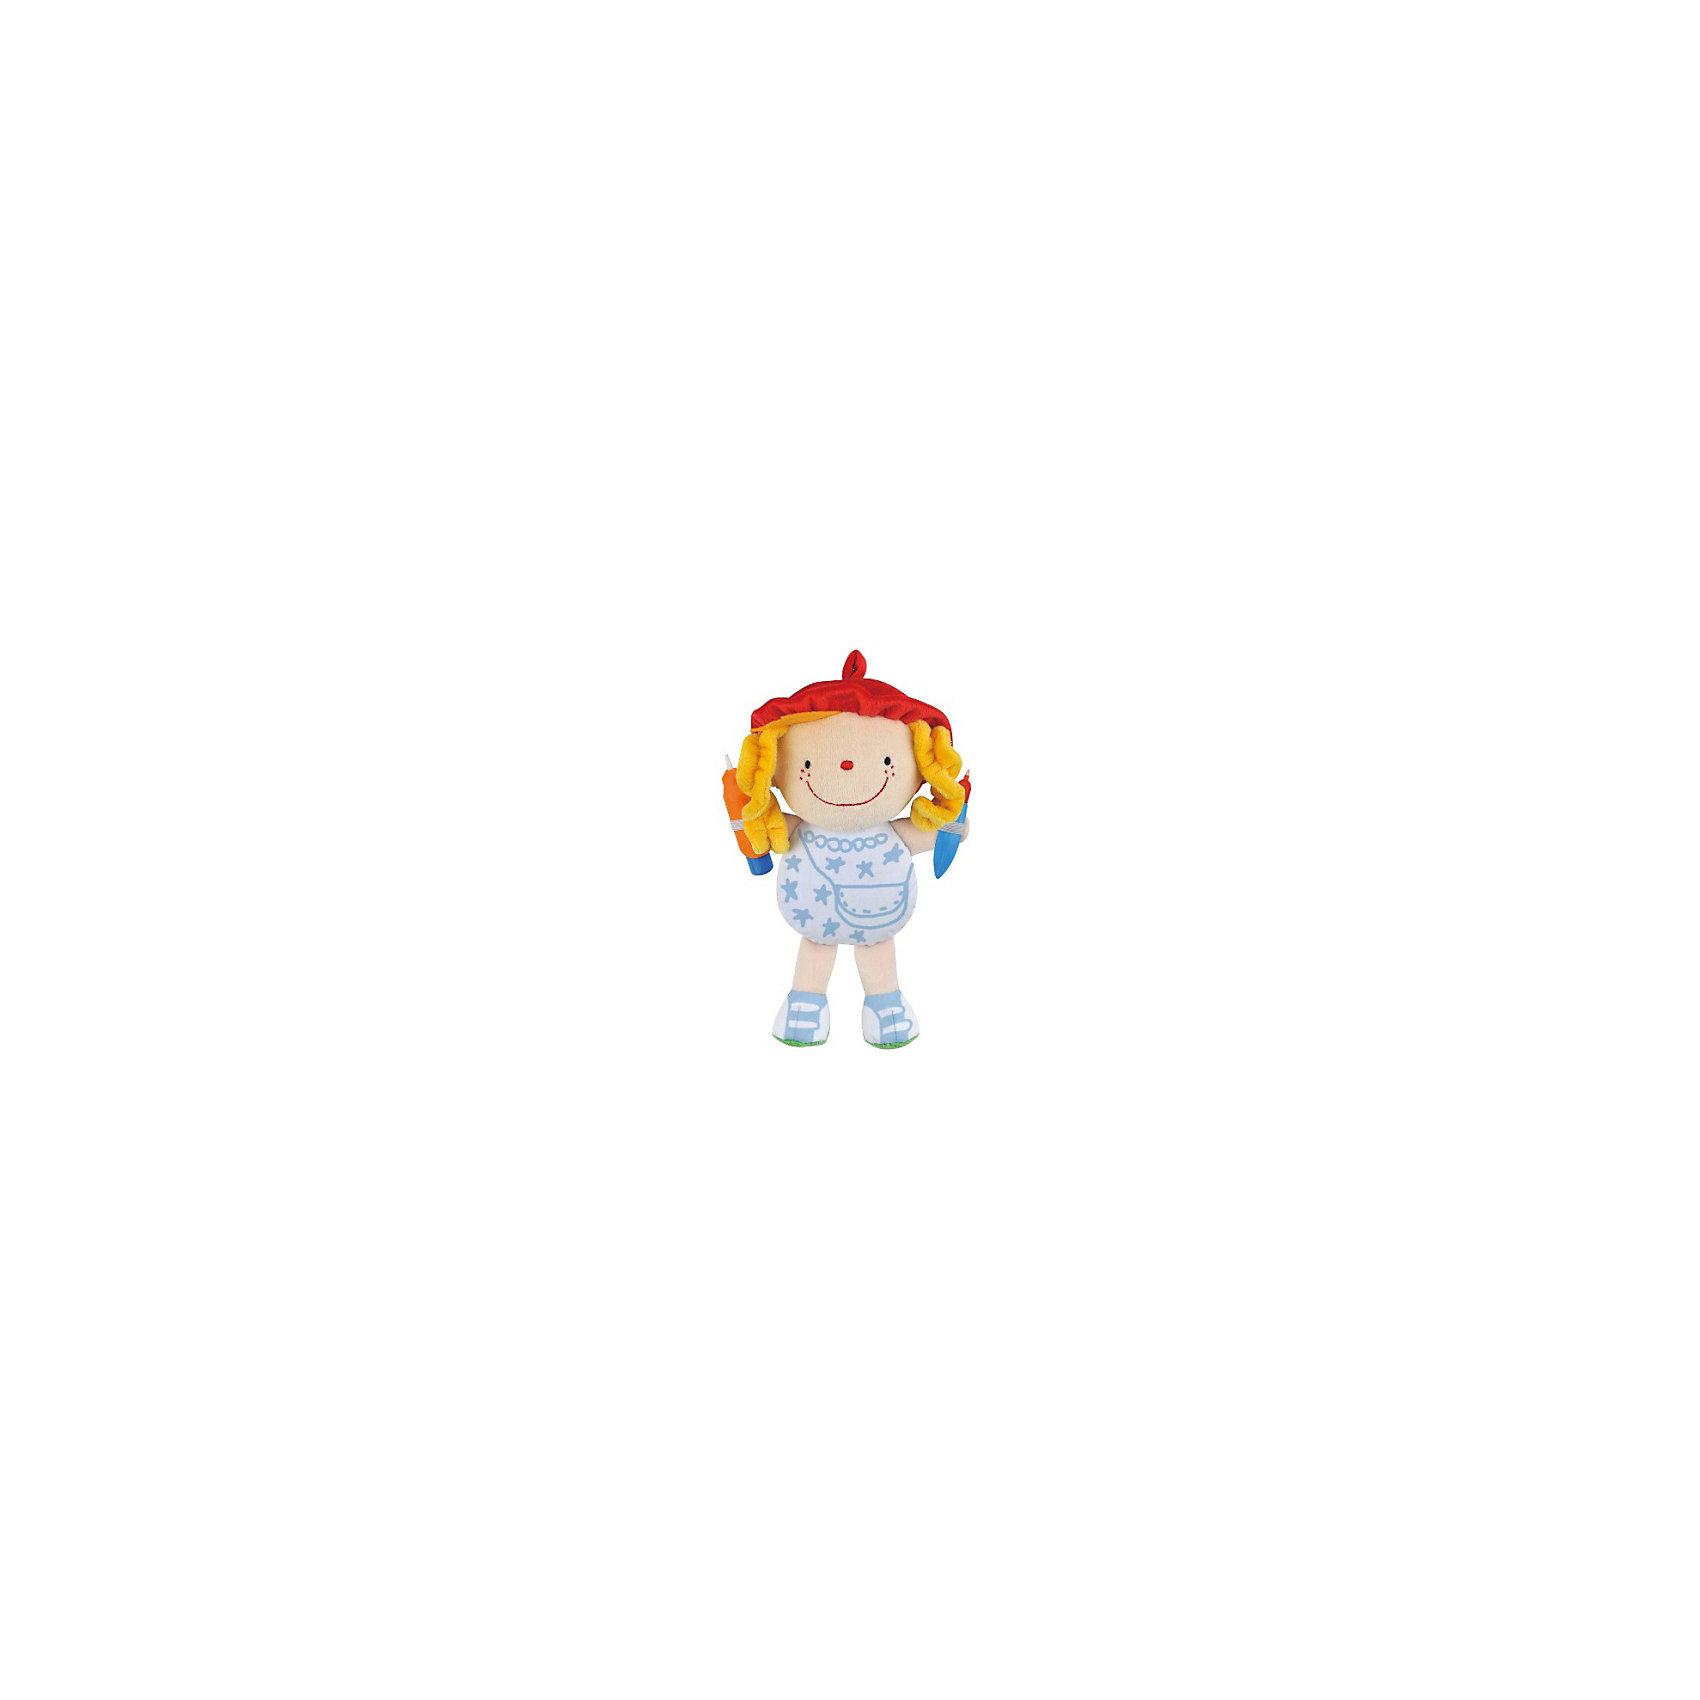 Джулия Что носить, Ks KidsМягкие куклы<br>Джулия Что носить, Ks Kids (Кс Кидс) ? уникальная кукла от всемирно известного производителя детских игрушек. Ждулия ? это мягкая текстильная кукла в образе забавной девочки, которую нужно одеть. Но одежда у нее совершенно особенная ? ее нужно нарисовать.<br>Туловище и ботиночки куклы выполнены из специального материала, на котором можно рисовать водными фломастерами, которые идут в комплекте. Для начала рисования, фломастеры необходимо наполнить водой. После этого можно приступать к творческому процессу. После высыхания рисунок исчезает и творческий процесс можно начинать заново.<br>Джулия Что носить, Ks Kids (Кс Кидс) ? это игра, в которой любой ребенок может почувствовать себя в роли дизайнера одежды.<br>Игра Джулия Что носить, Ks Kids будет способствовать развитию художественных способностей, воображения, а также научит усидчивости и терпению.<br><br>Дополнительная информация:<br><br>- Вид игр: сюжетно-ролевые, творческие<br>- Предназначение: для дома<br>- Комплектация: кукла и 2 фломастера<br>- Материал: текстиль, пластик<br>- Размер: 20*26*7 см<br>- Вес: 283 г<br>- Особенности ухода: разрешается стирать в щадящем режиме<br><br>Подробнее:<br><br>• Для детей в возрасте: от 3 лет до 7 лет<br>• Страна производитель: Китай<br>• Торговый бренд: Ks Kids (Кс Кидс)<br><br>Джулию Что носить, Ks Kids (Кс Кидс) можно купить в нашем интернет-магазине.<br><br>Ширина мм: 200<br>Глубина мм: 260<br>Высота мм: 70<br>Вес г: 283<br>Возраст от месяцев: 36<br>Возраст до месяцев: 84<br>Пол: Унисекс<br>Возраст: Детский<br>SKU: 4799452